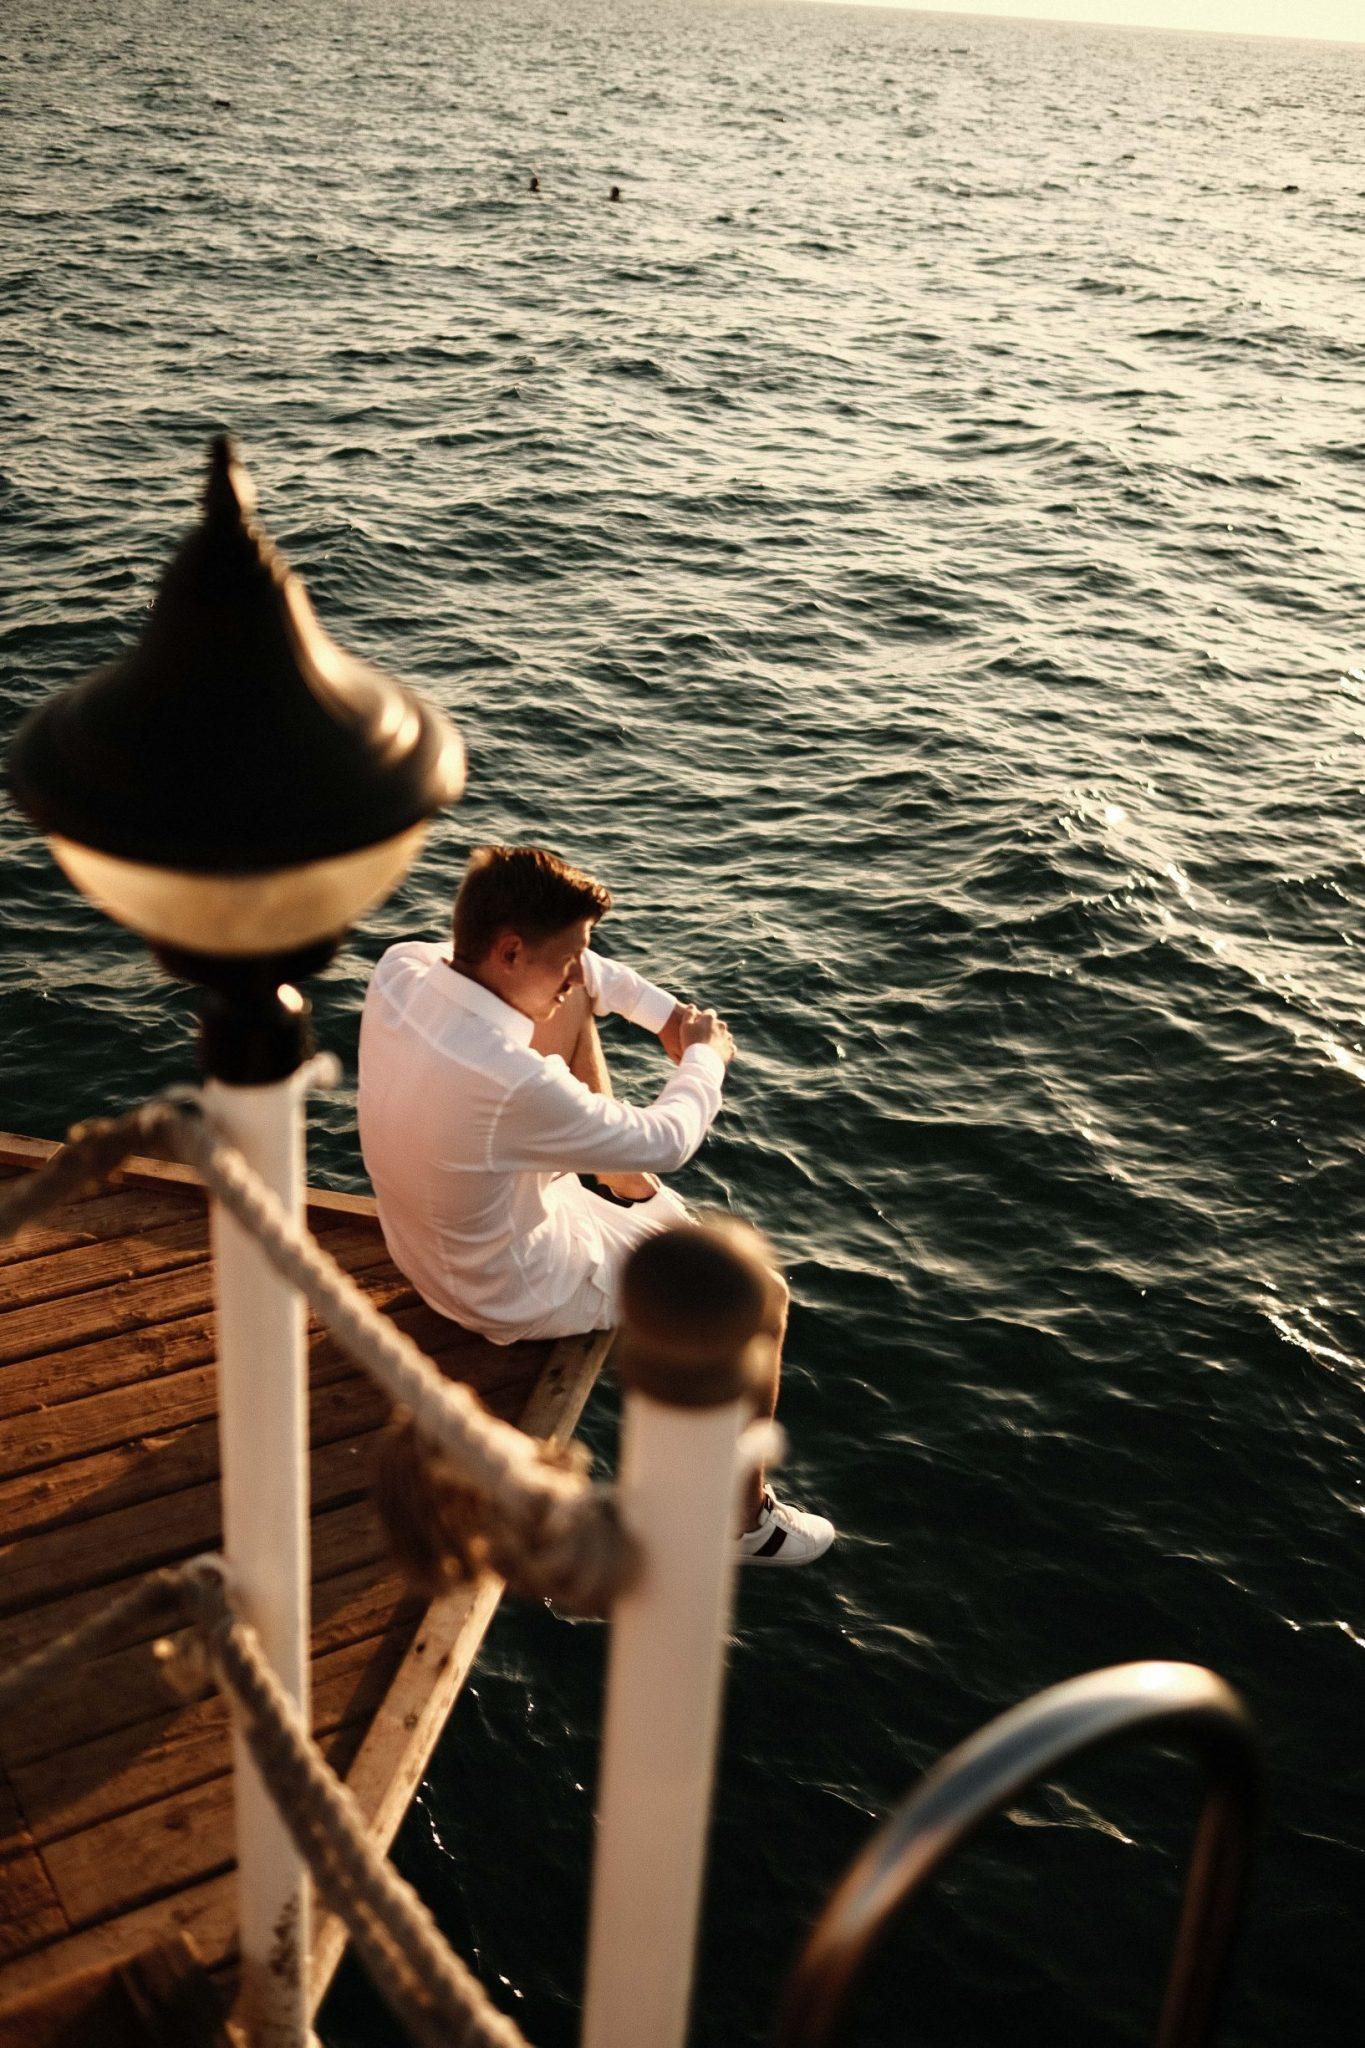 David Romanowski, sitzt auf einer kante hinter ihm das Meer.